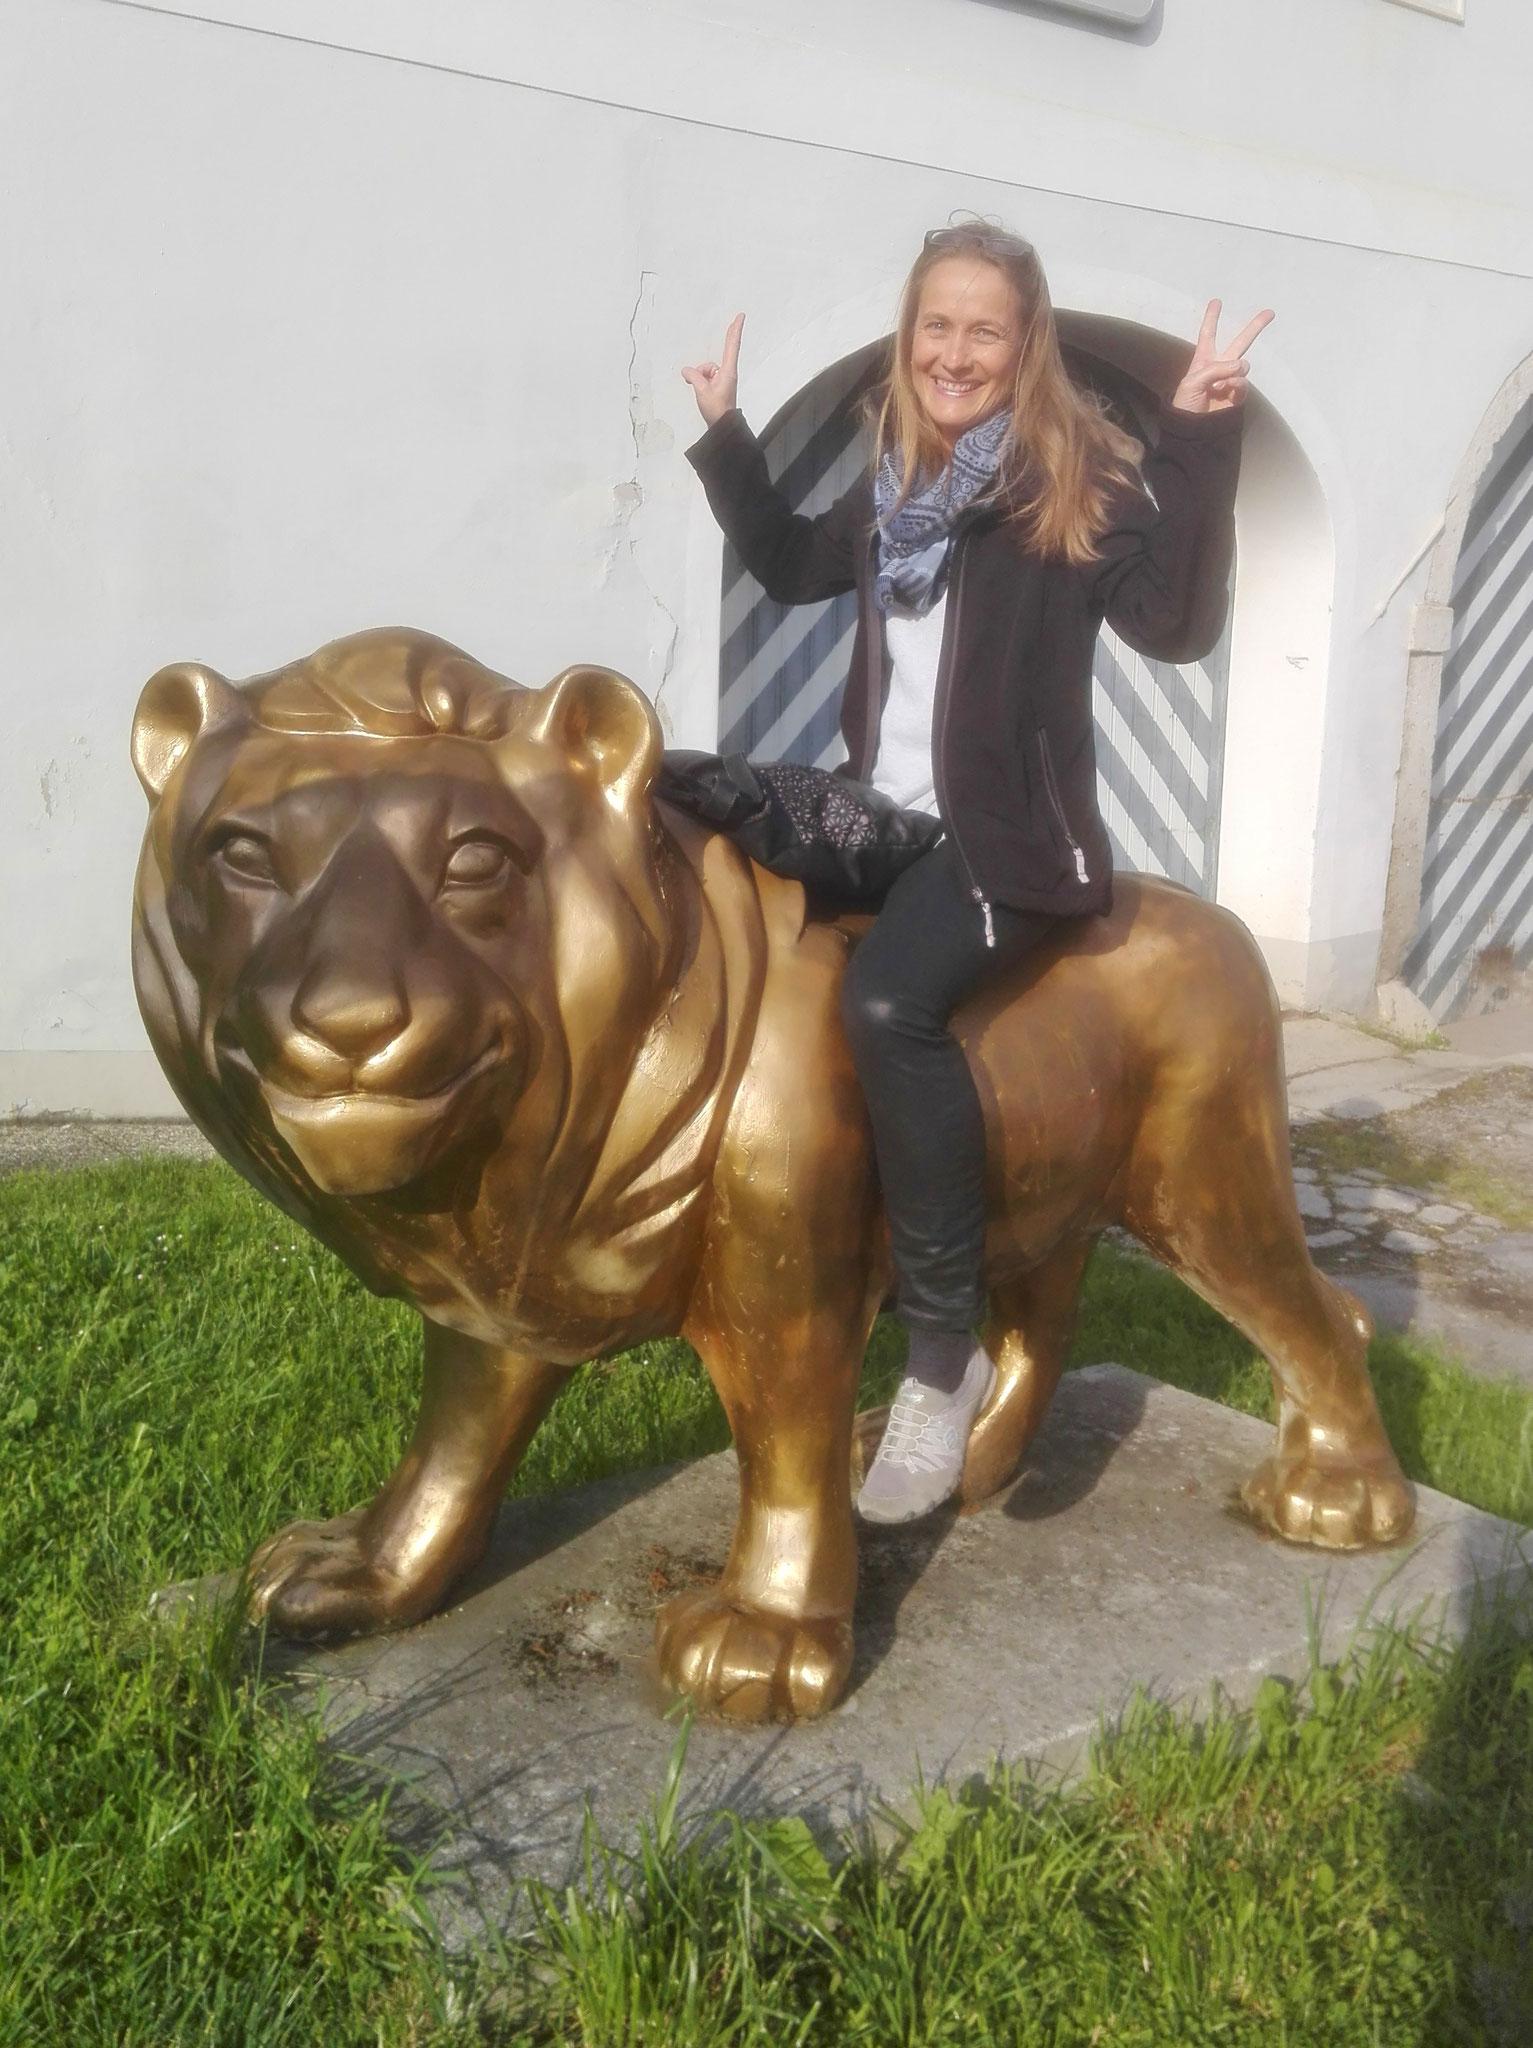 Die Dame hier lernte beizeiten, auch einen Löwen mal zu reiten